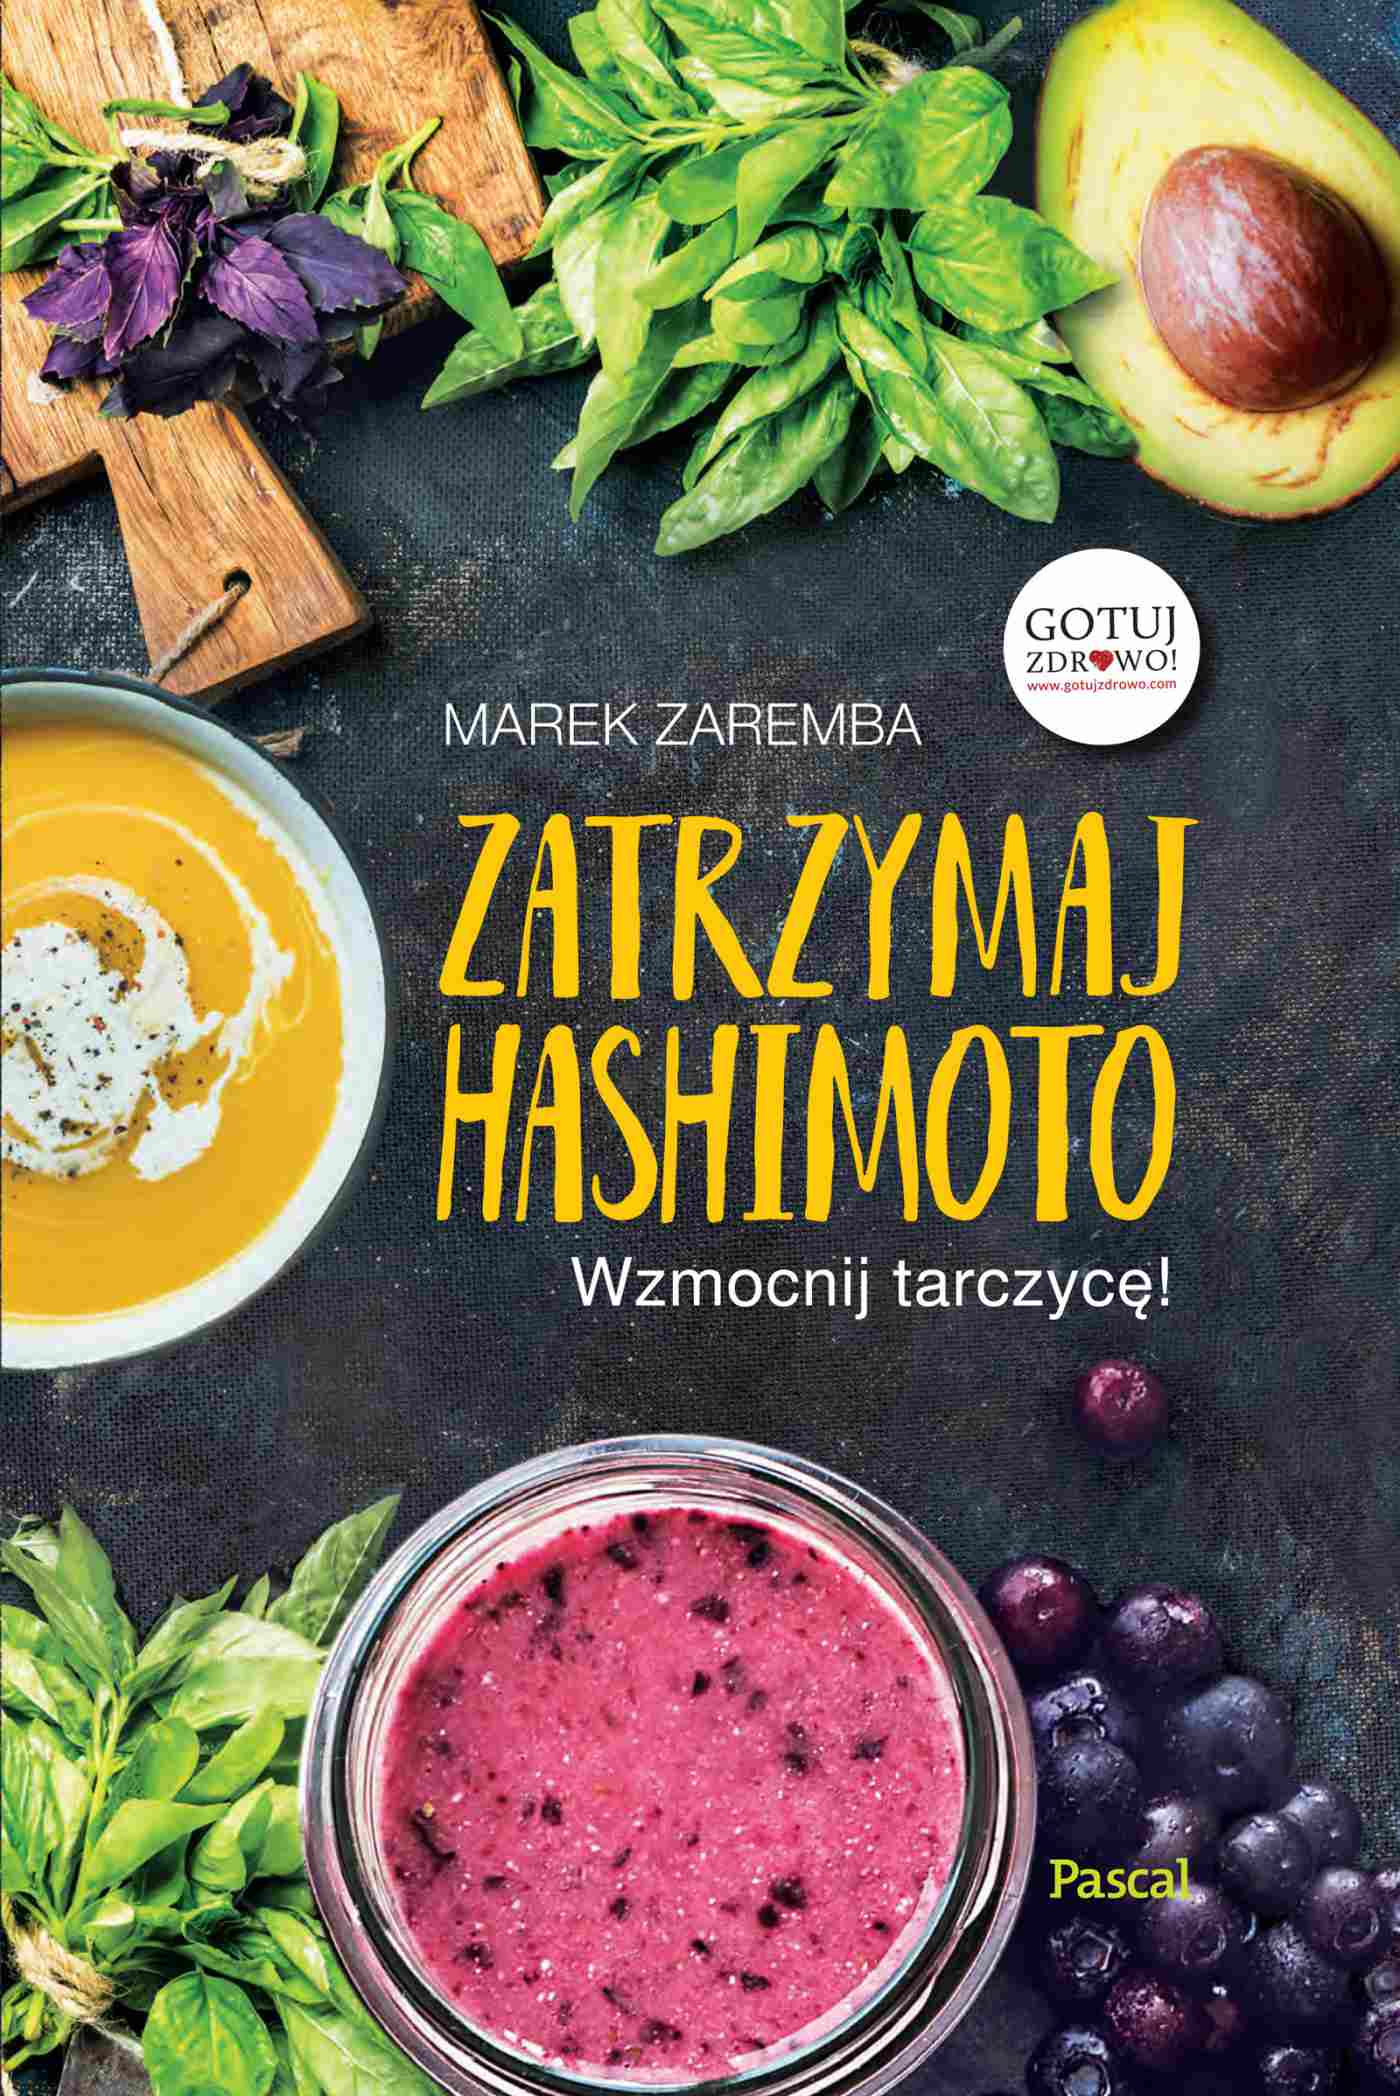 Zatrzymaj Hashimoto - Ebook (Książka EPUB) do pobrania w formacie EPUB